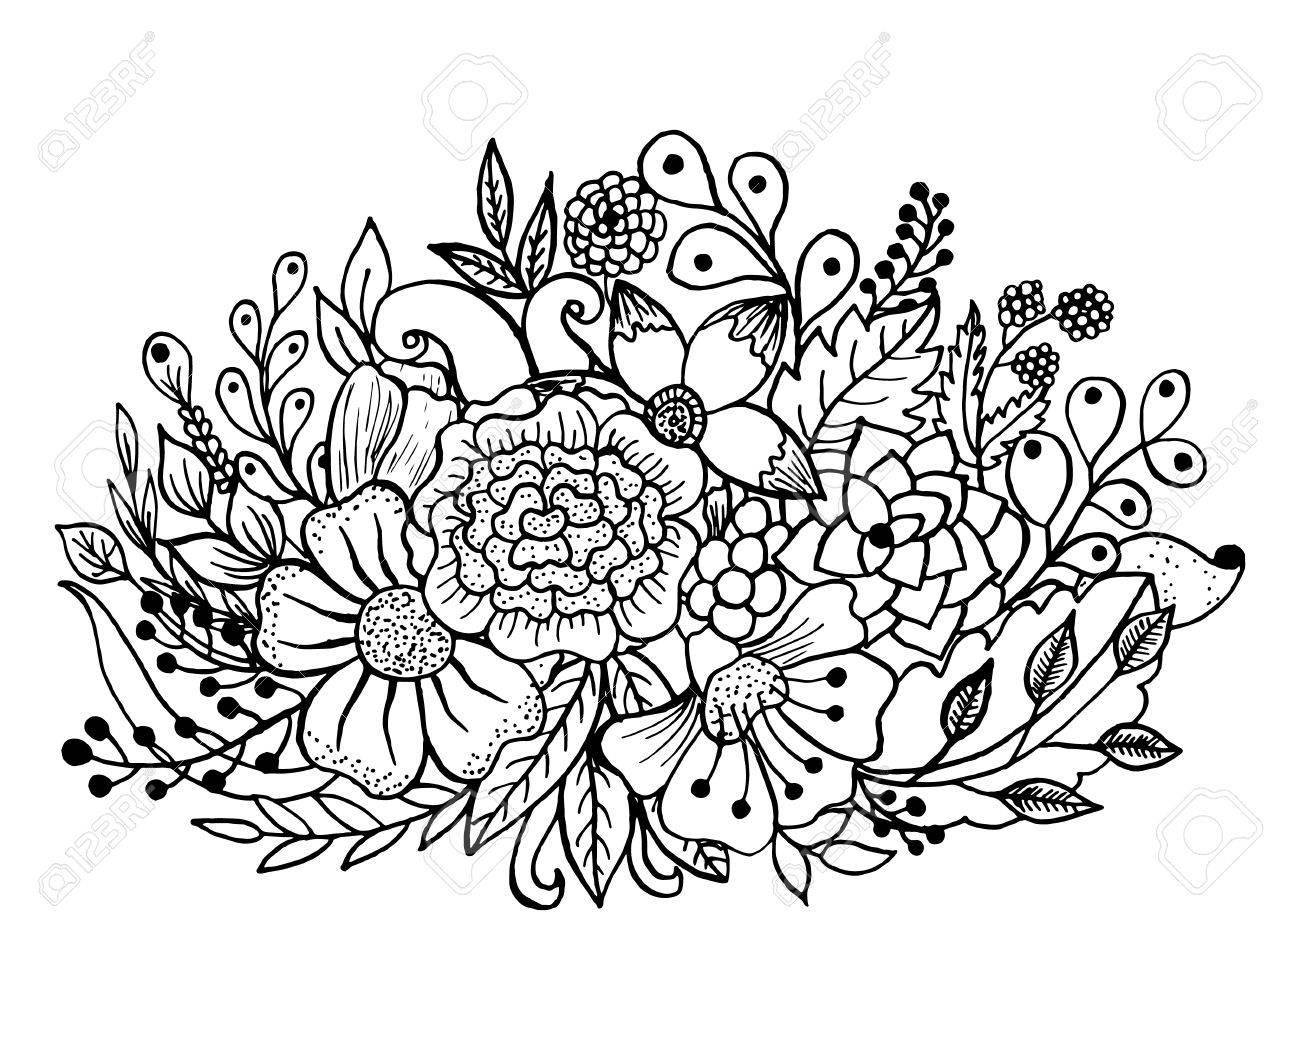 Malvorlage Mit Blumen Und Blättern. Vector Musterschwarzweiss ...